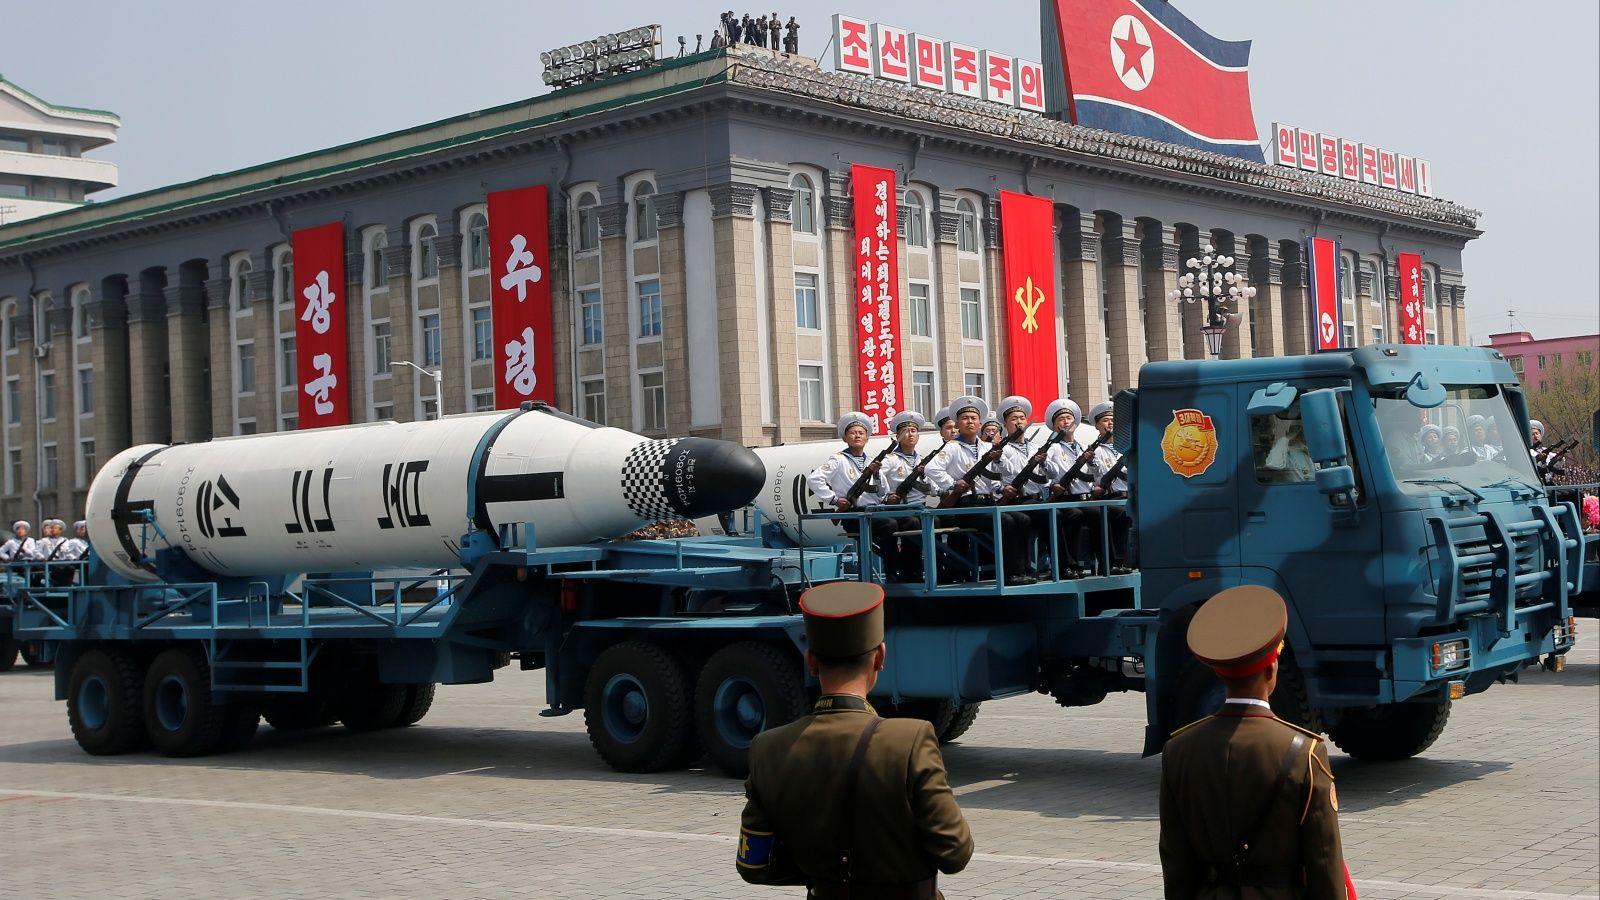 Corée du Nord : une revue fait état de l'arme la plus puissante du régime